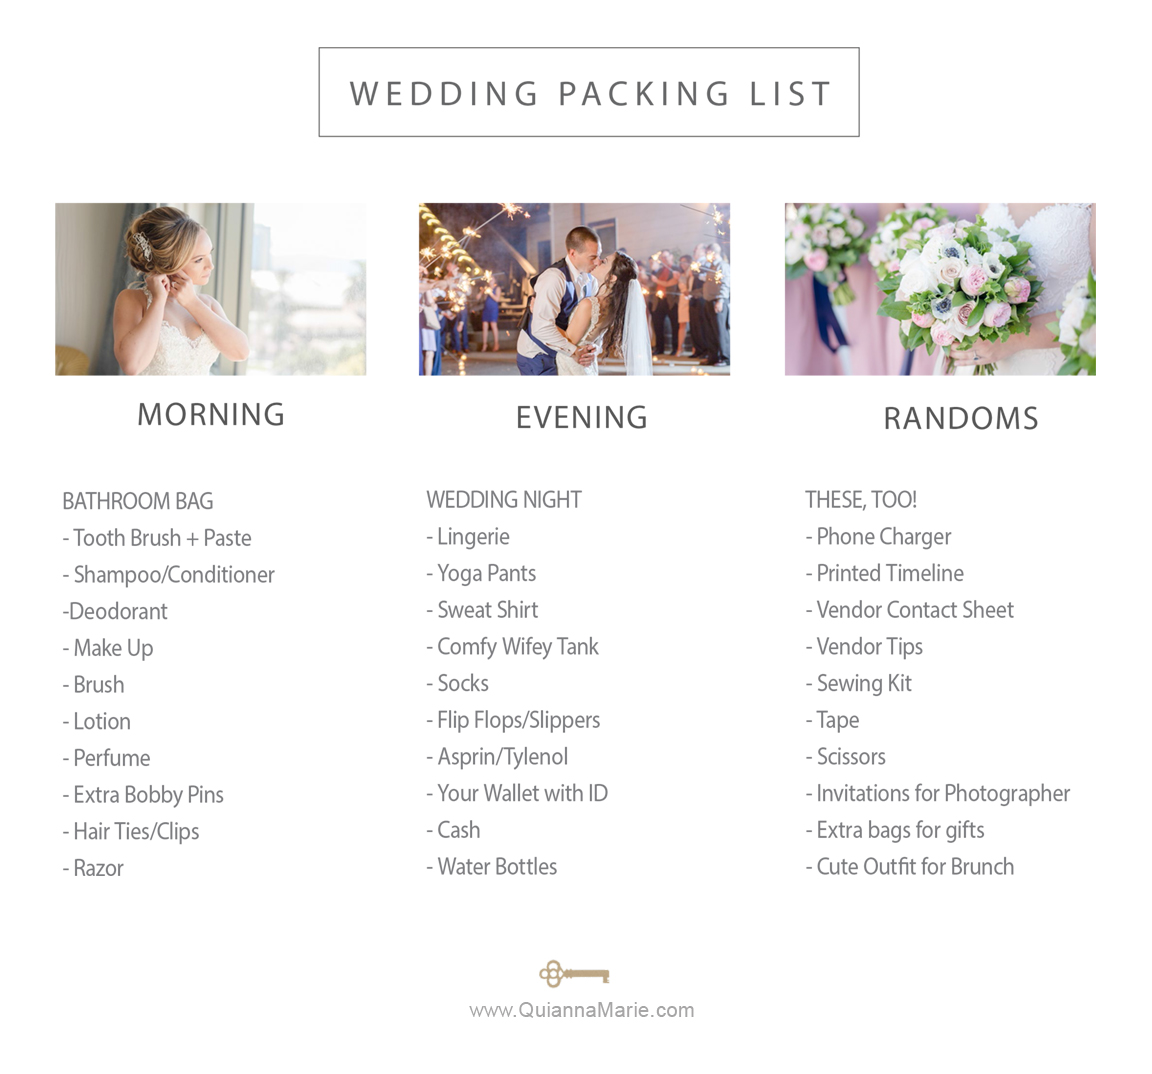 WeddingPacking List